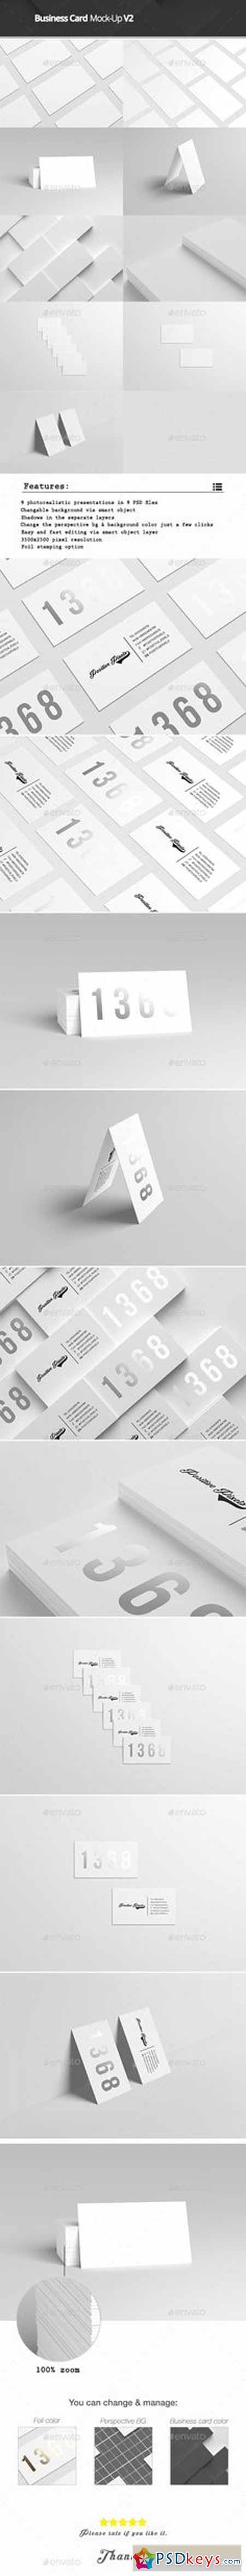 Business Card Mock Up V2 Free Download shop Vector